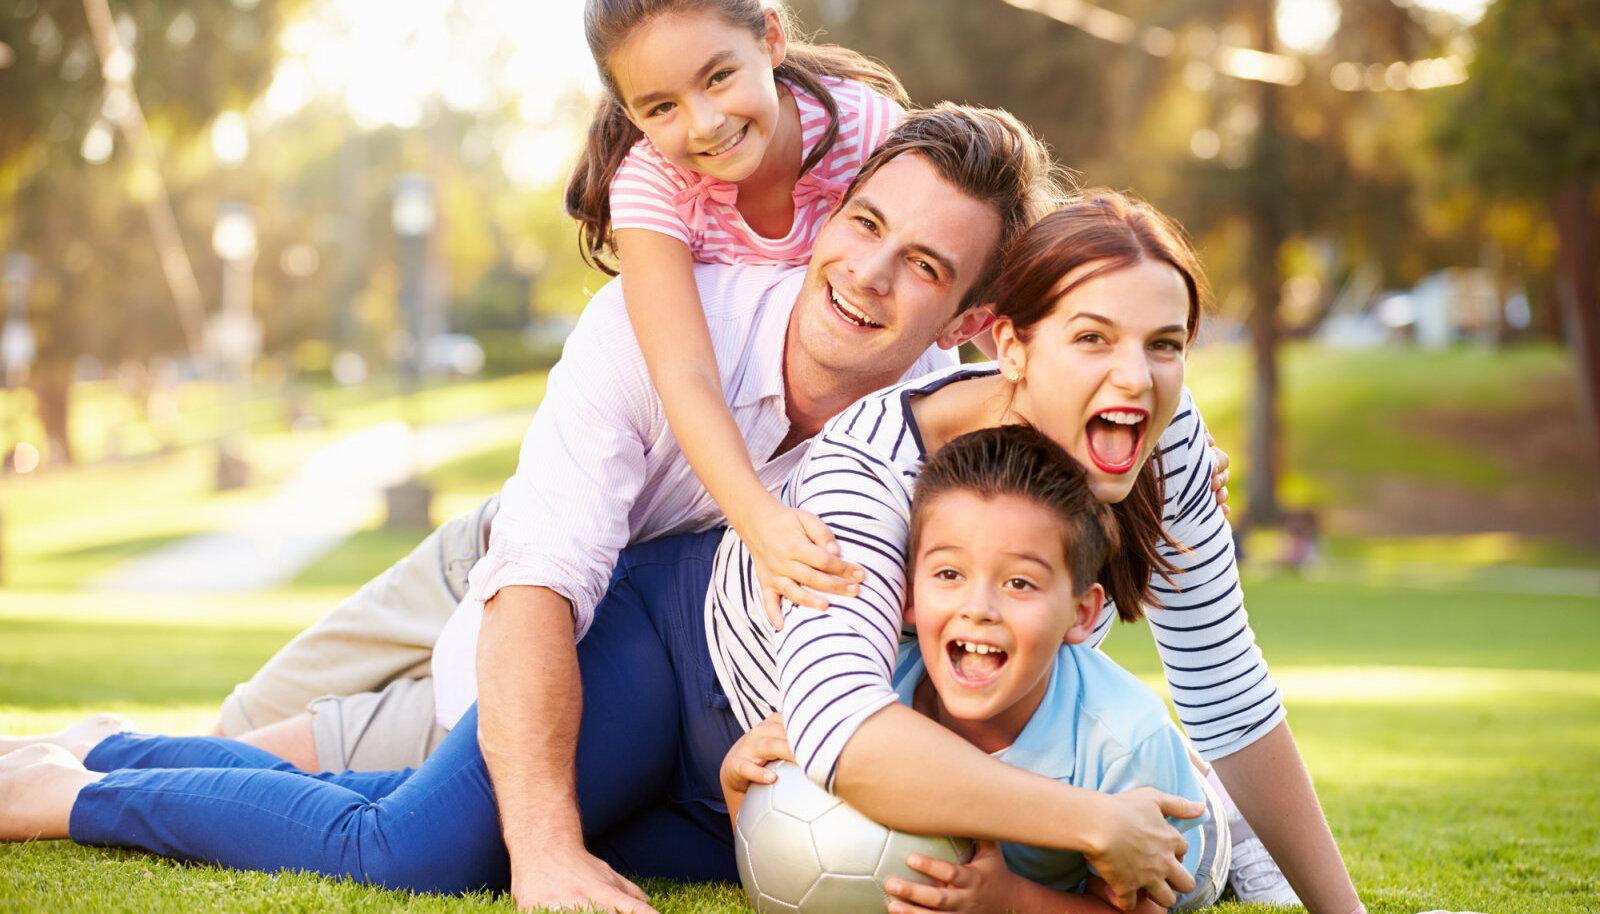 Vanemad on lastele justkui maamärgid - sadamasse turvaliseks sissesõiduks on vaja kaht maamärki